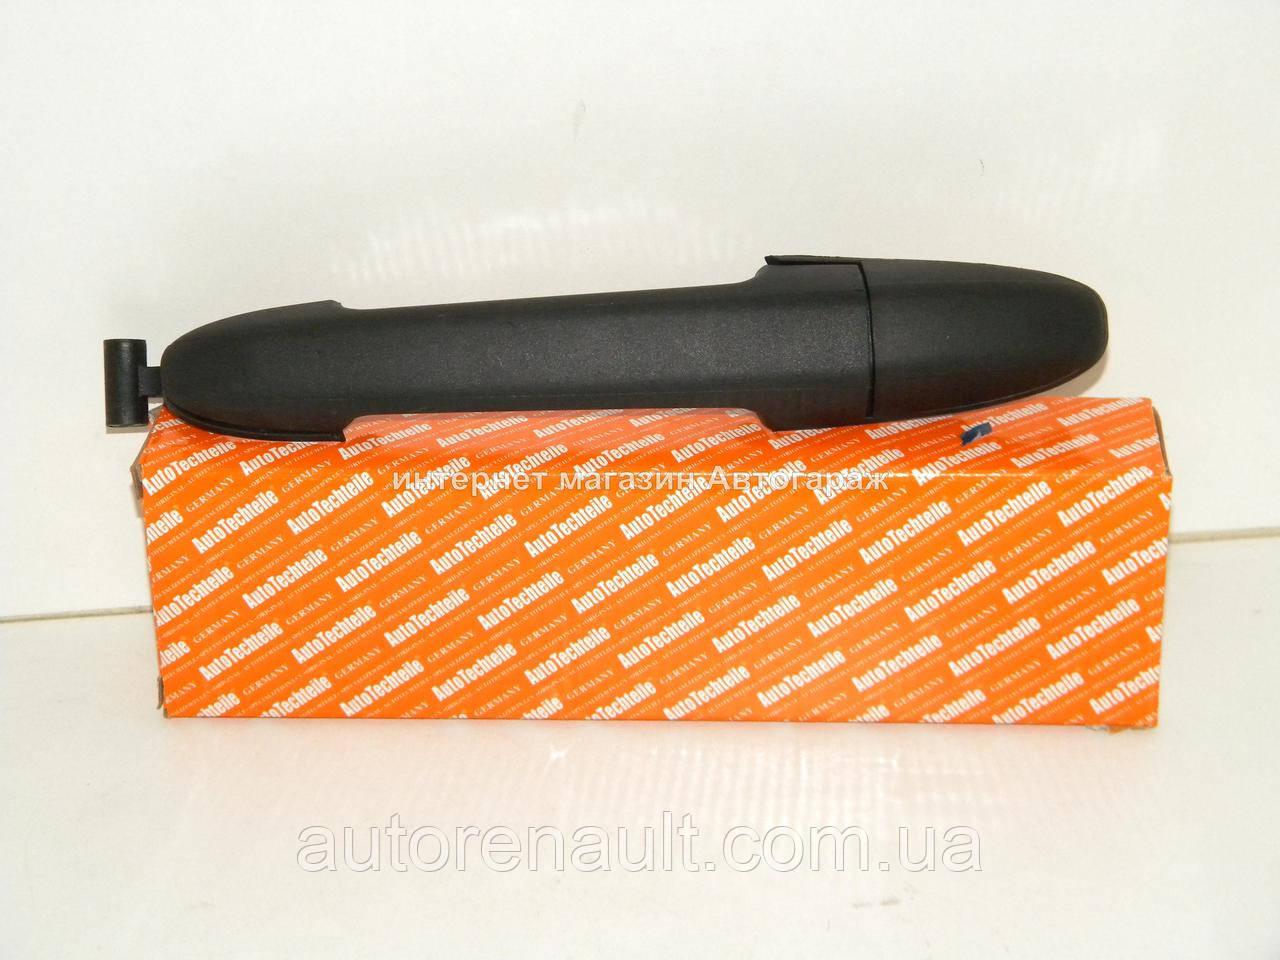 Наружная ручка боковой-сдвижной двери на Мерседес Спринтер 906 2006-> AUTOTECHTEILE (Германия) — A7625